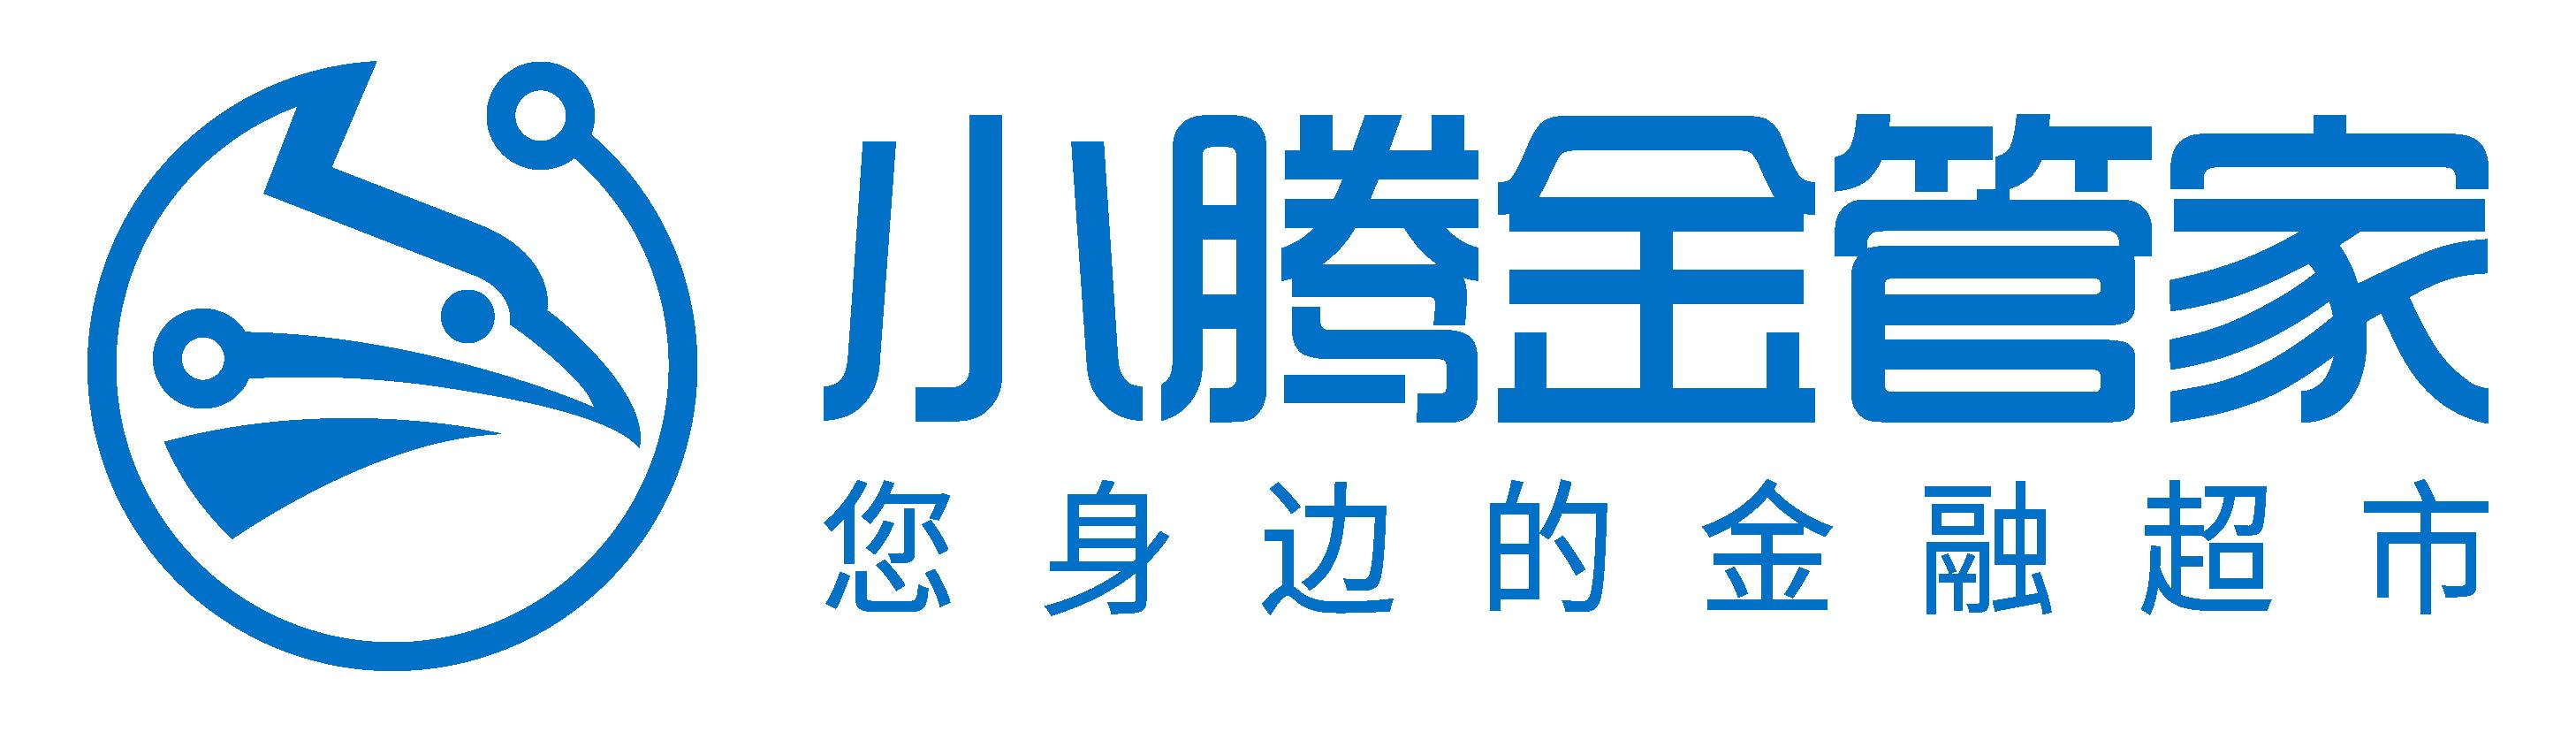 小腾-国内领先的数字化门店综合服务商